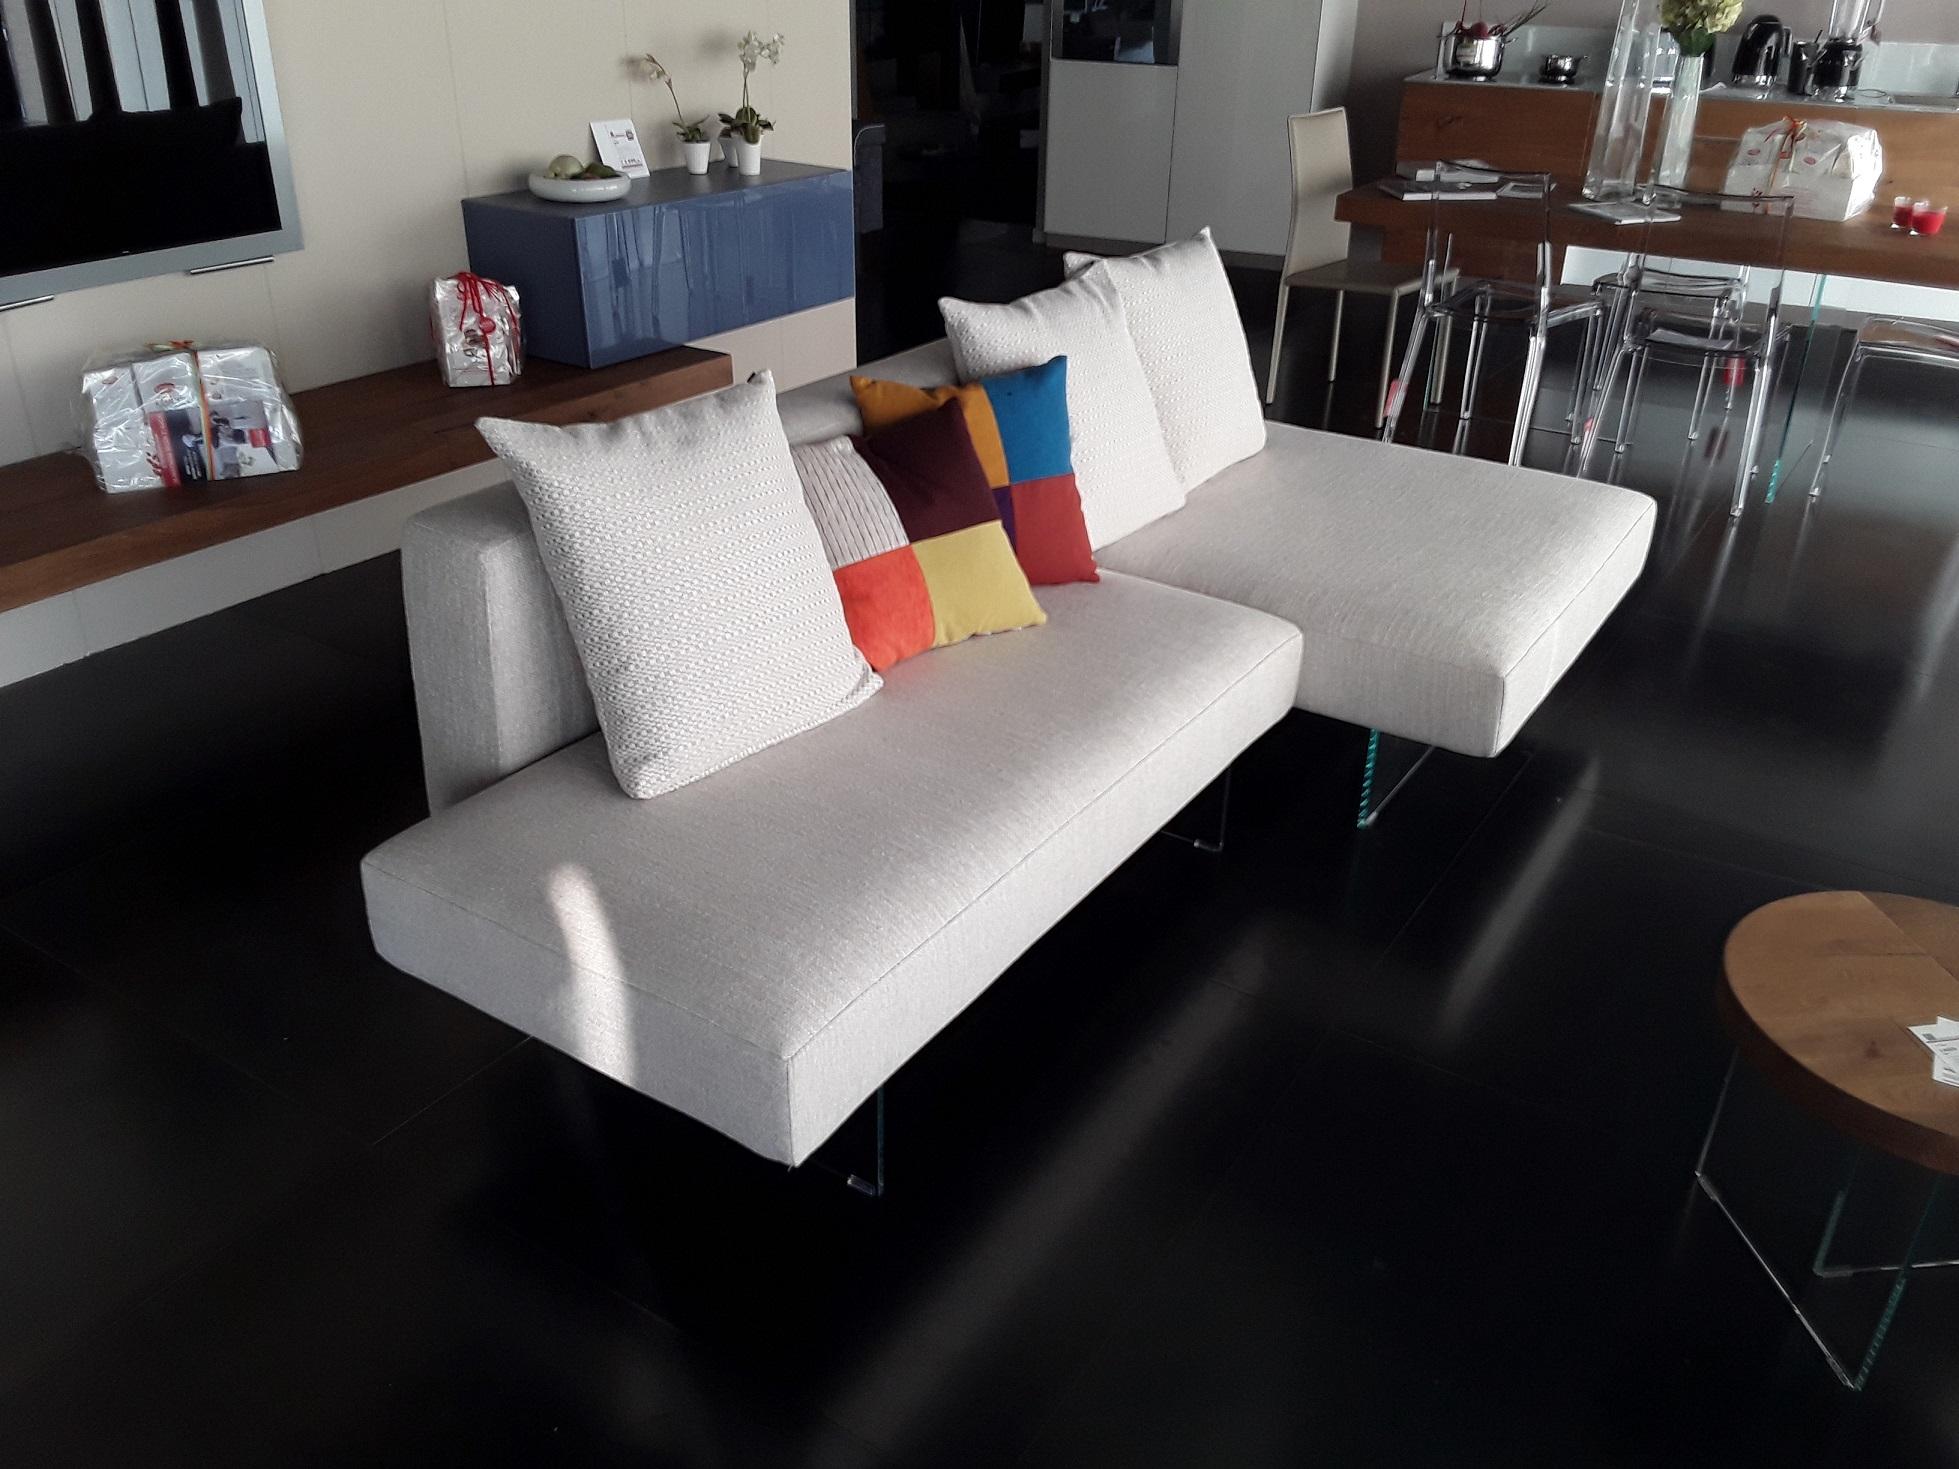 Lago divano air sofa scontato del 35 divani a prezzi - Divani lago opinioni ...